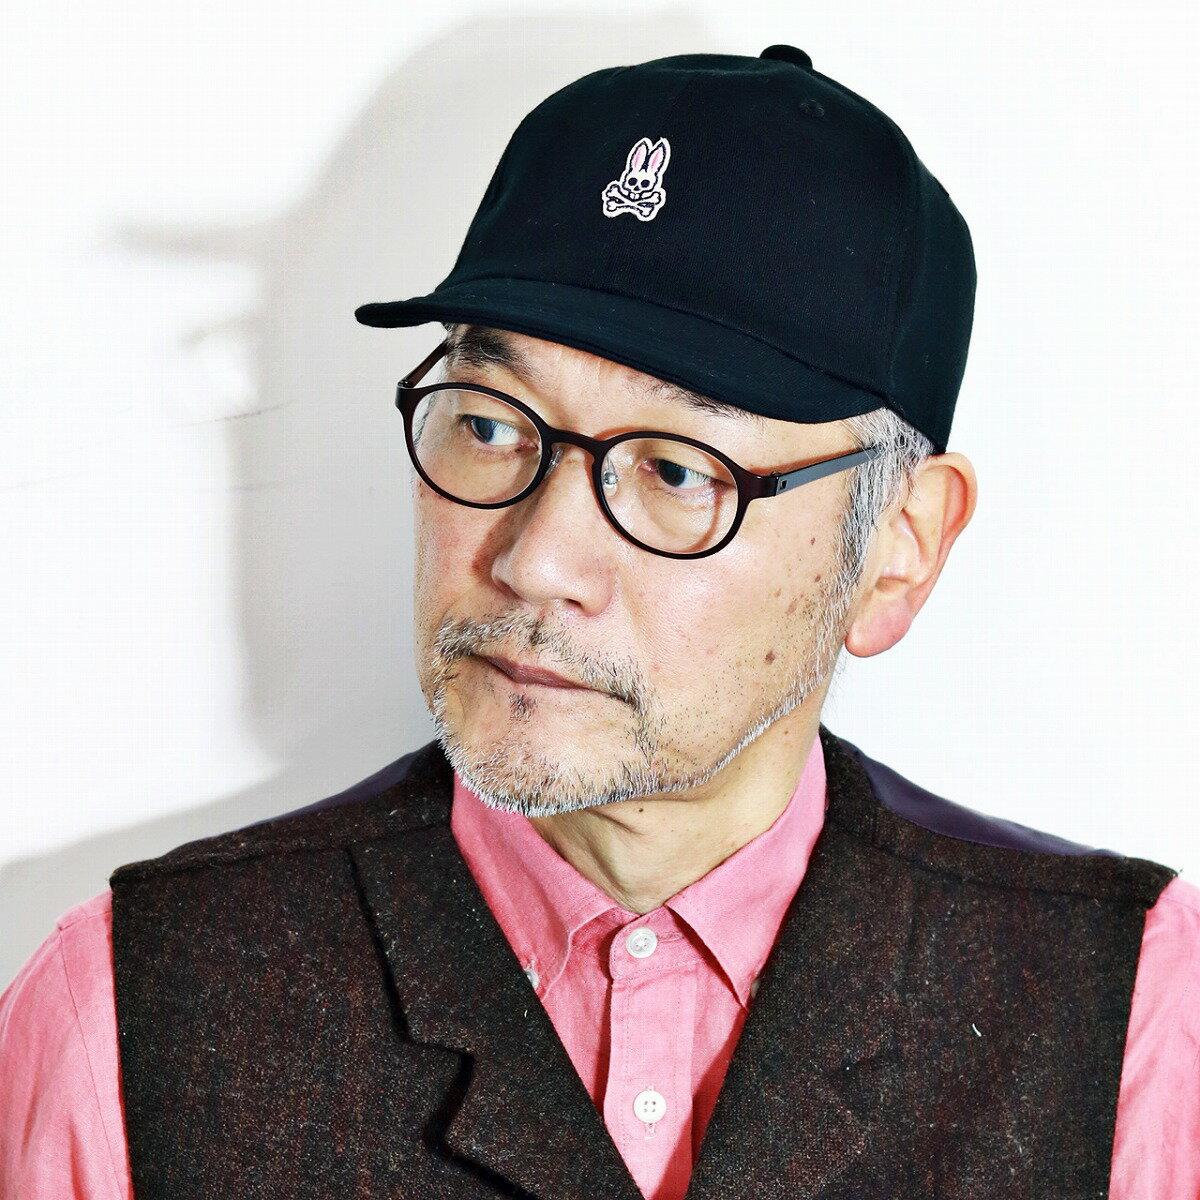 サイコバニー キャップ スウェット トレーナー生地 スエットキャップ 日本製 Psycho Bunny 帽子 メンズ ラビット スカル CAP レディース ミニロゴ 黒 ブラック PsychoBunny 綿100% スエット素材 とても軽い 柔らかい 手触りがいい [ cap ] 野球帽